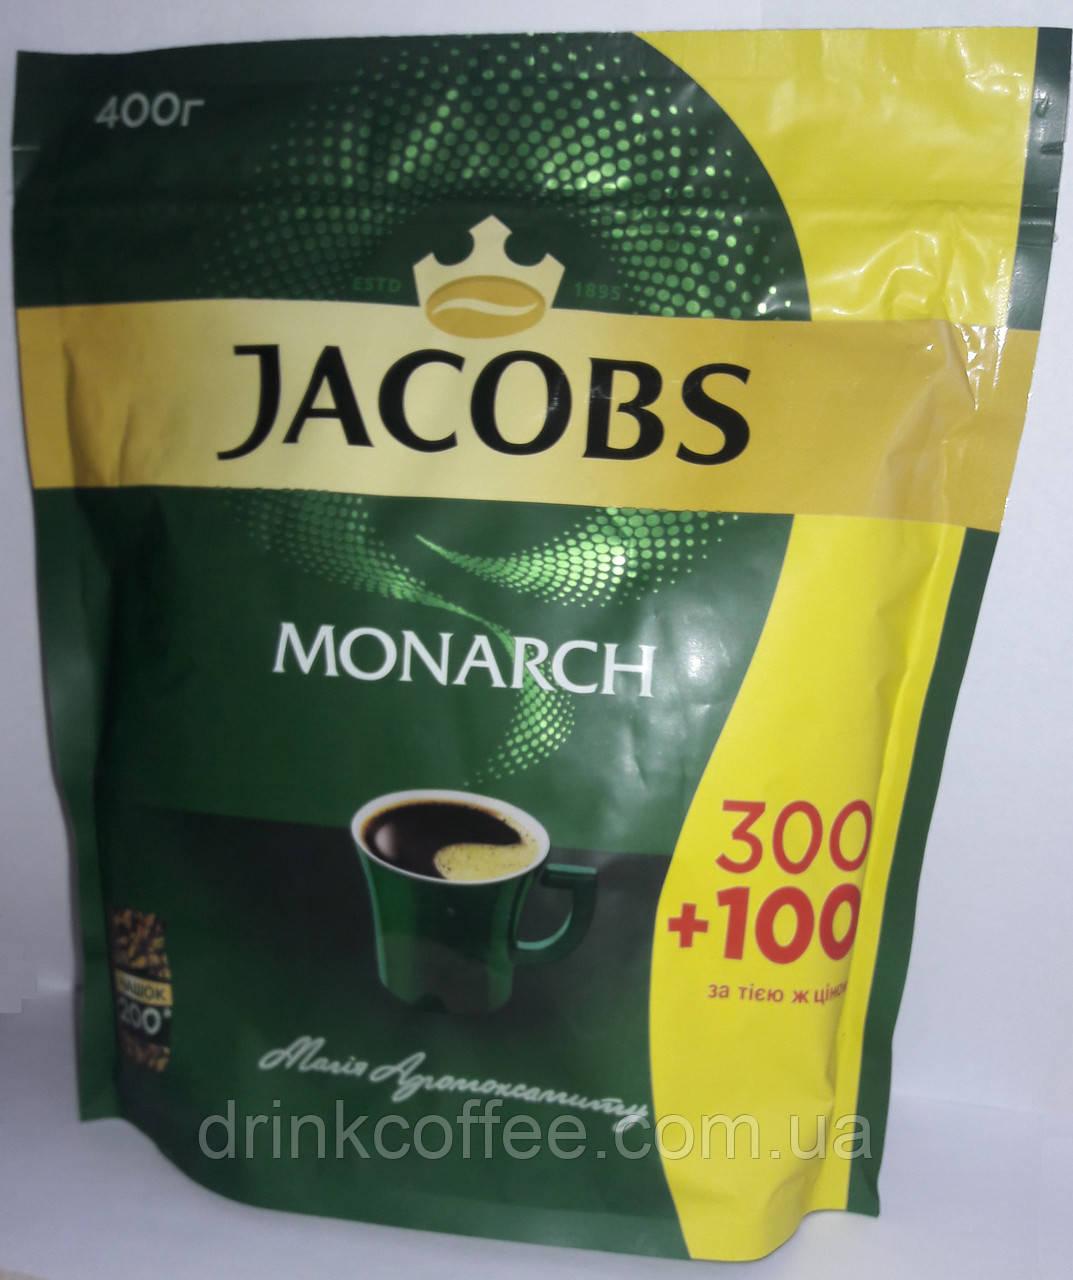 Кофе JACOBS Monarch, растворимый, 400g